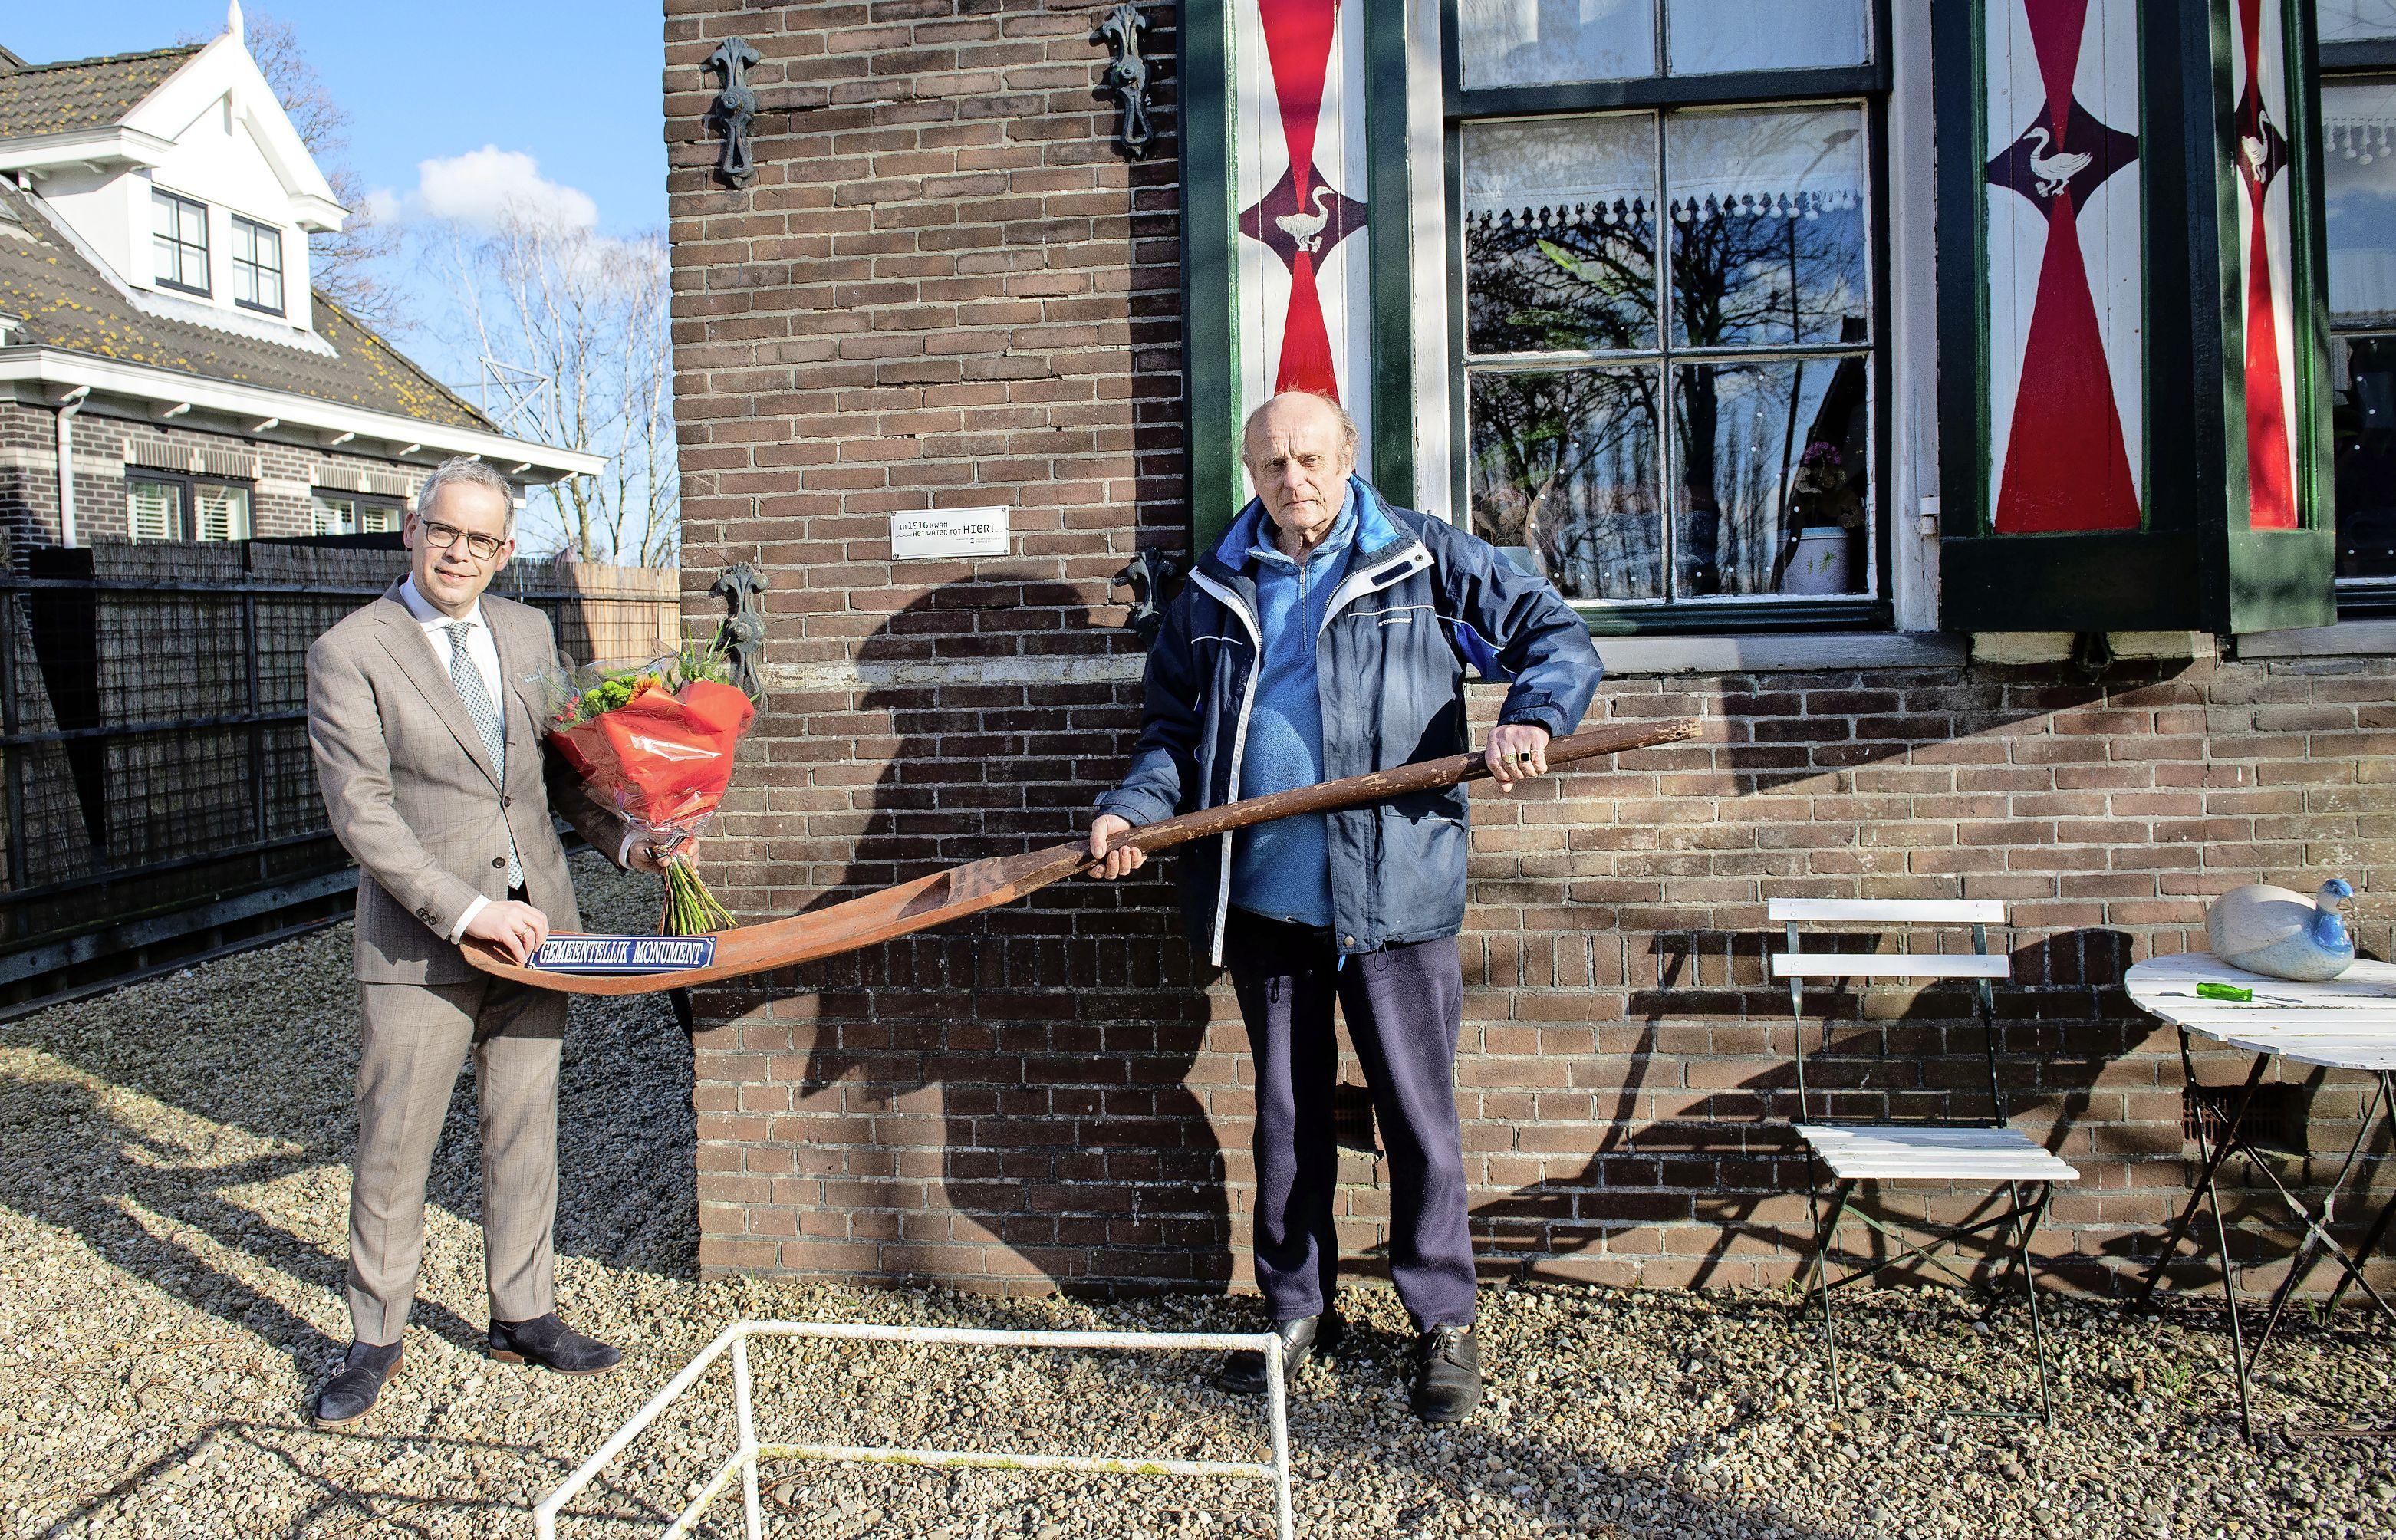 Landsmeers Grietje Tump heeft monumentstatus. Frans Poulain wil zijn levenswerk veilig kunnen doorgeven